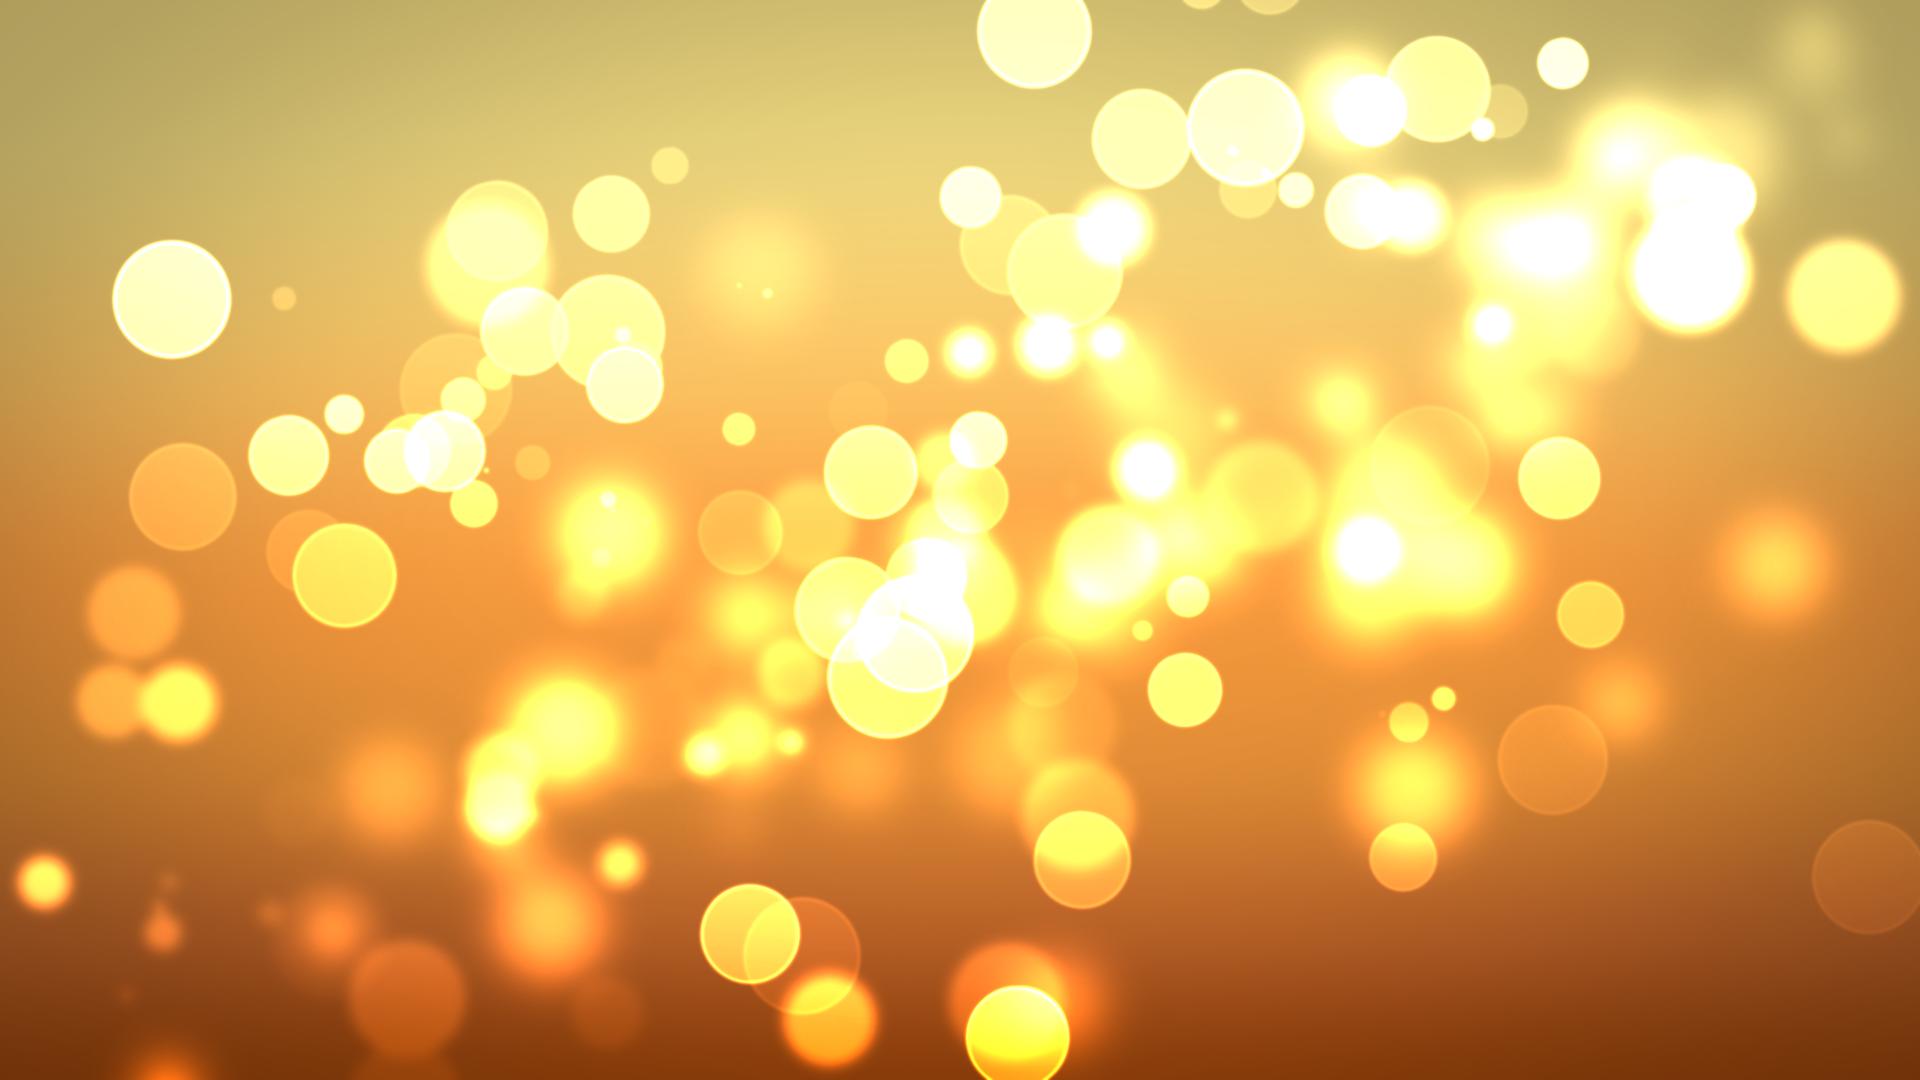 Anime Beach Wallpaper Gold Light Wallpaper 24281 1920x1080 Px Hdwallsource Com